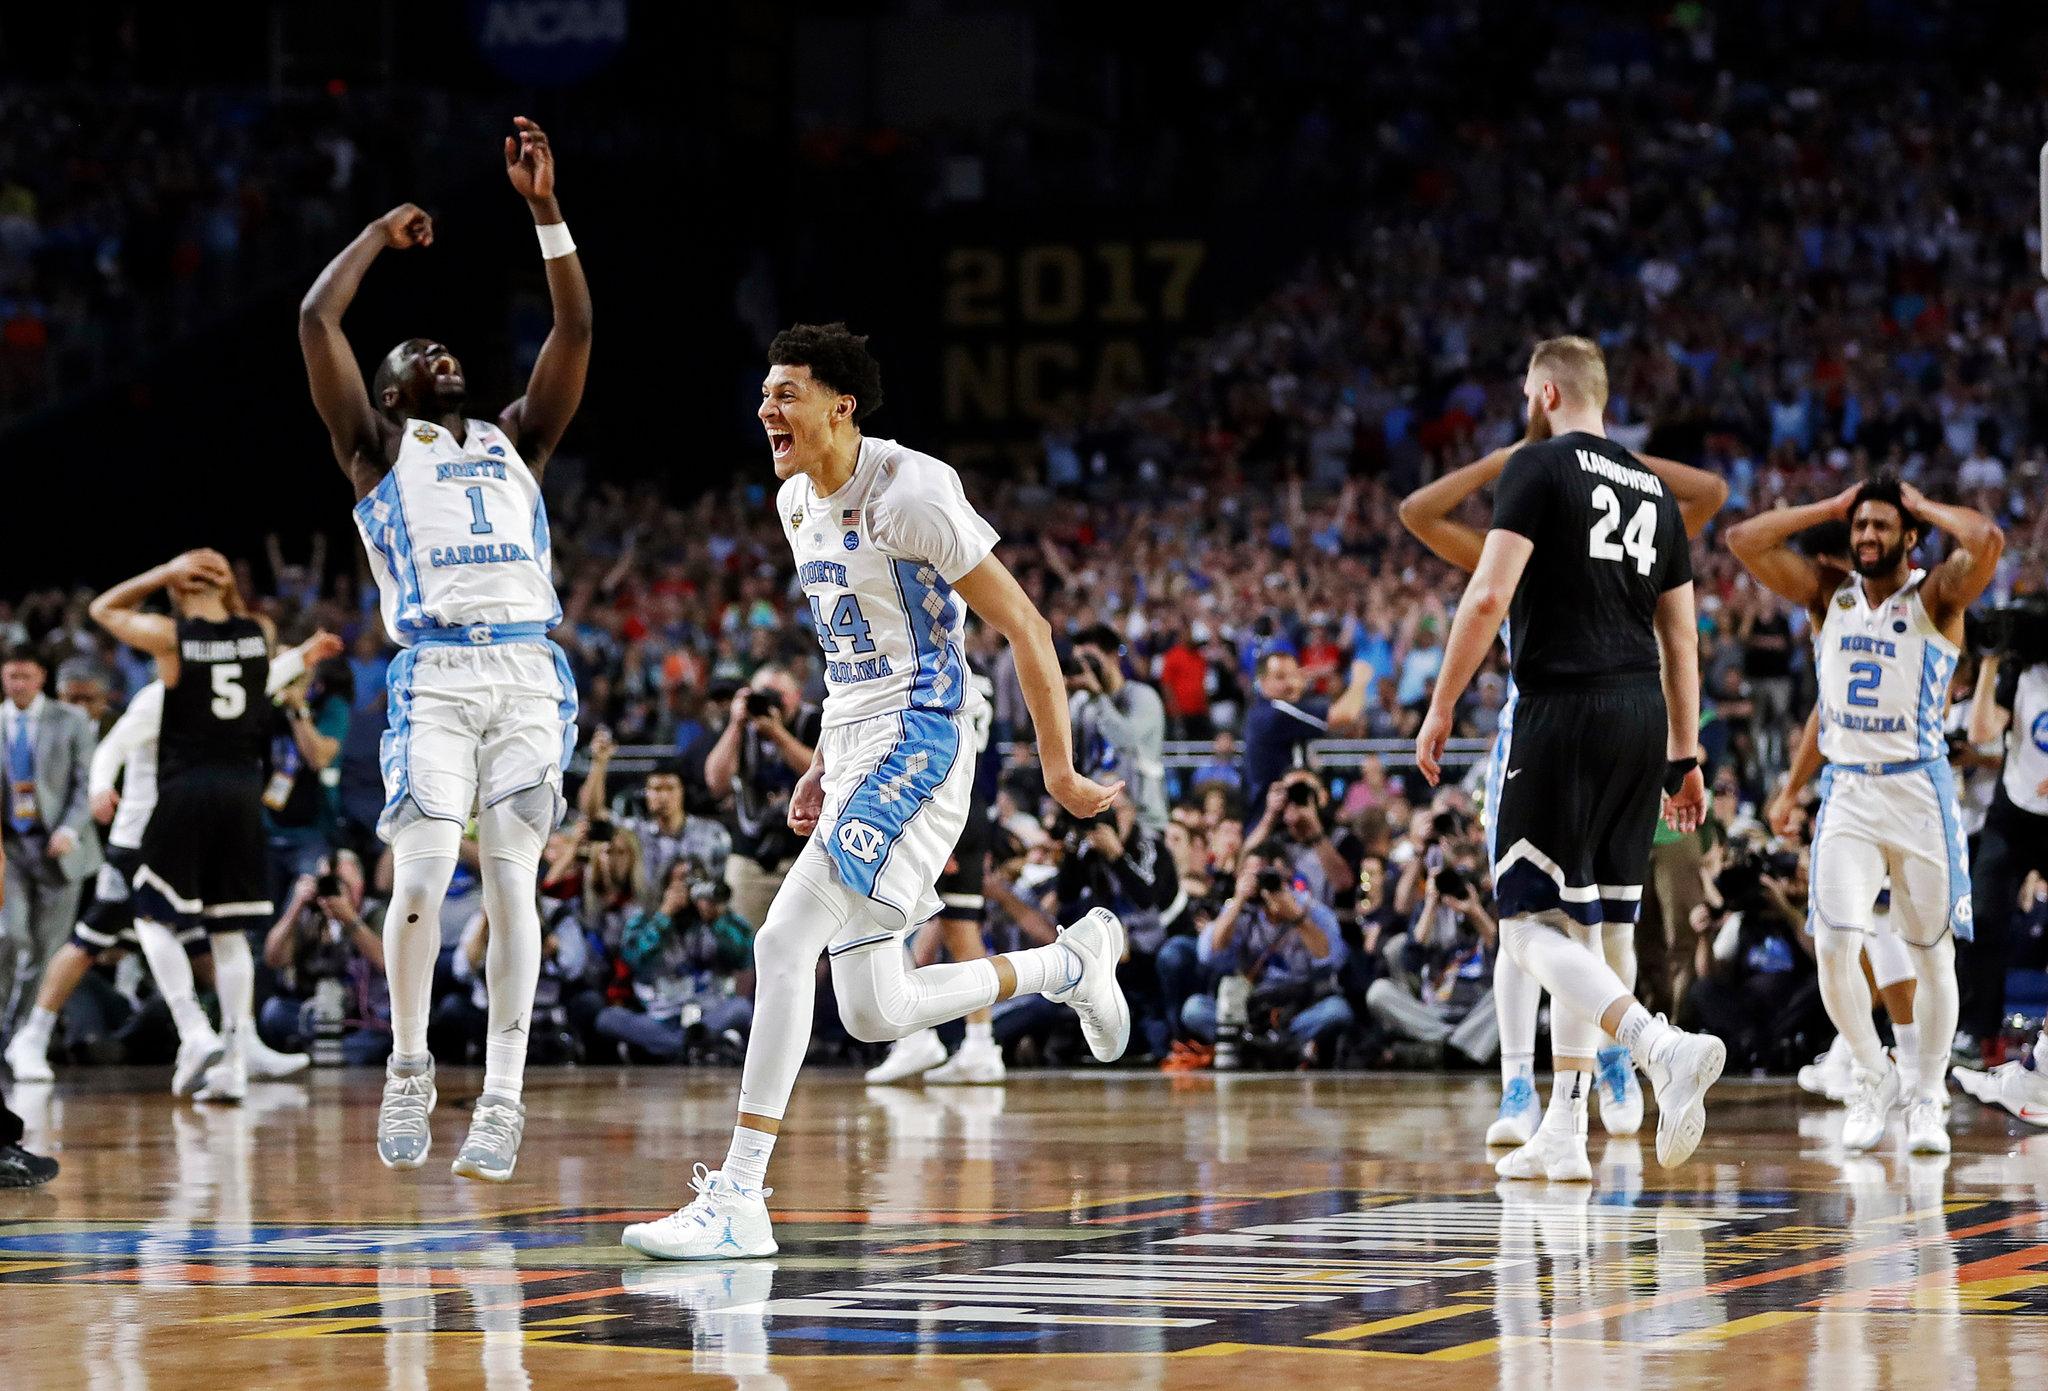 Resultado de imagen de unc basketball champions